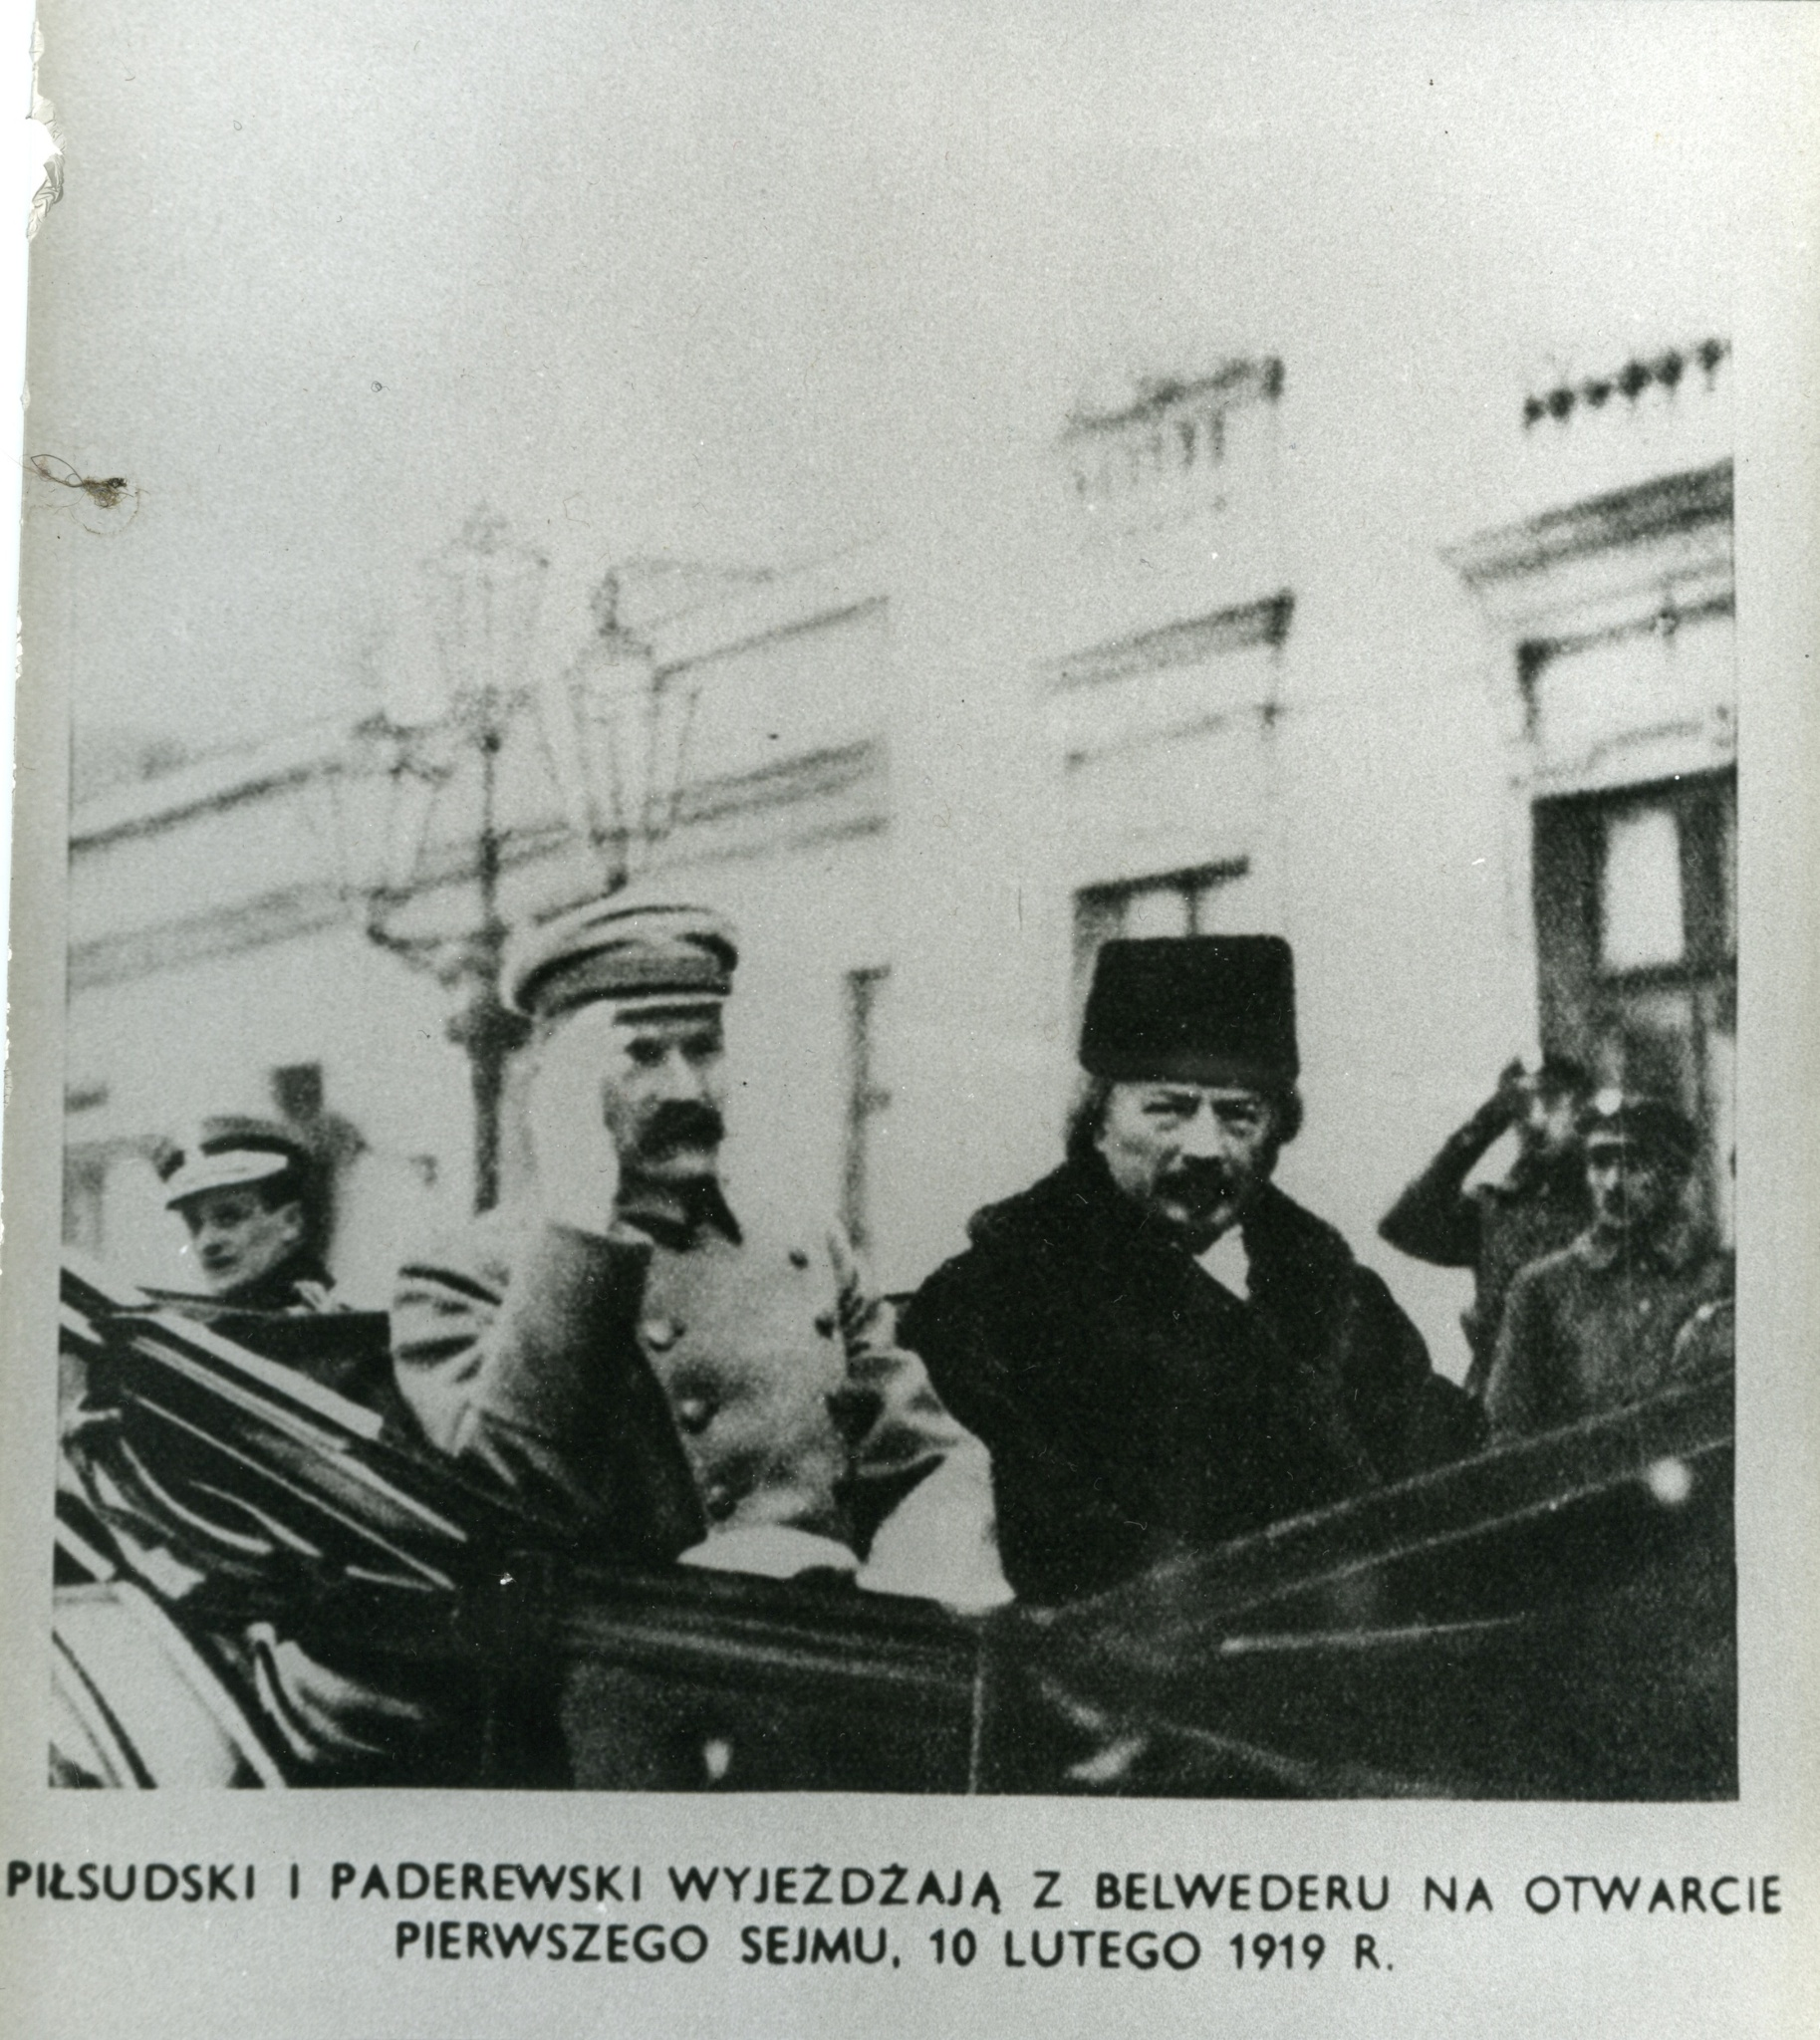 <div class='inner-box'><div class='close-desc'></div><span class='opis'>Józef Piłsudski i Ignacy Paderewski wyjeżdżają z Belwederu na otwarcie pierwszego Sejmu.</span><div class='clearfix'></div><span>Cote du document FIL03169</span><div class='clearfix'></div><span>© Instytut Literacki</span></div>